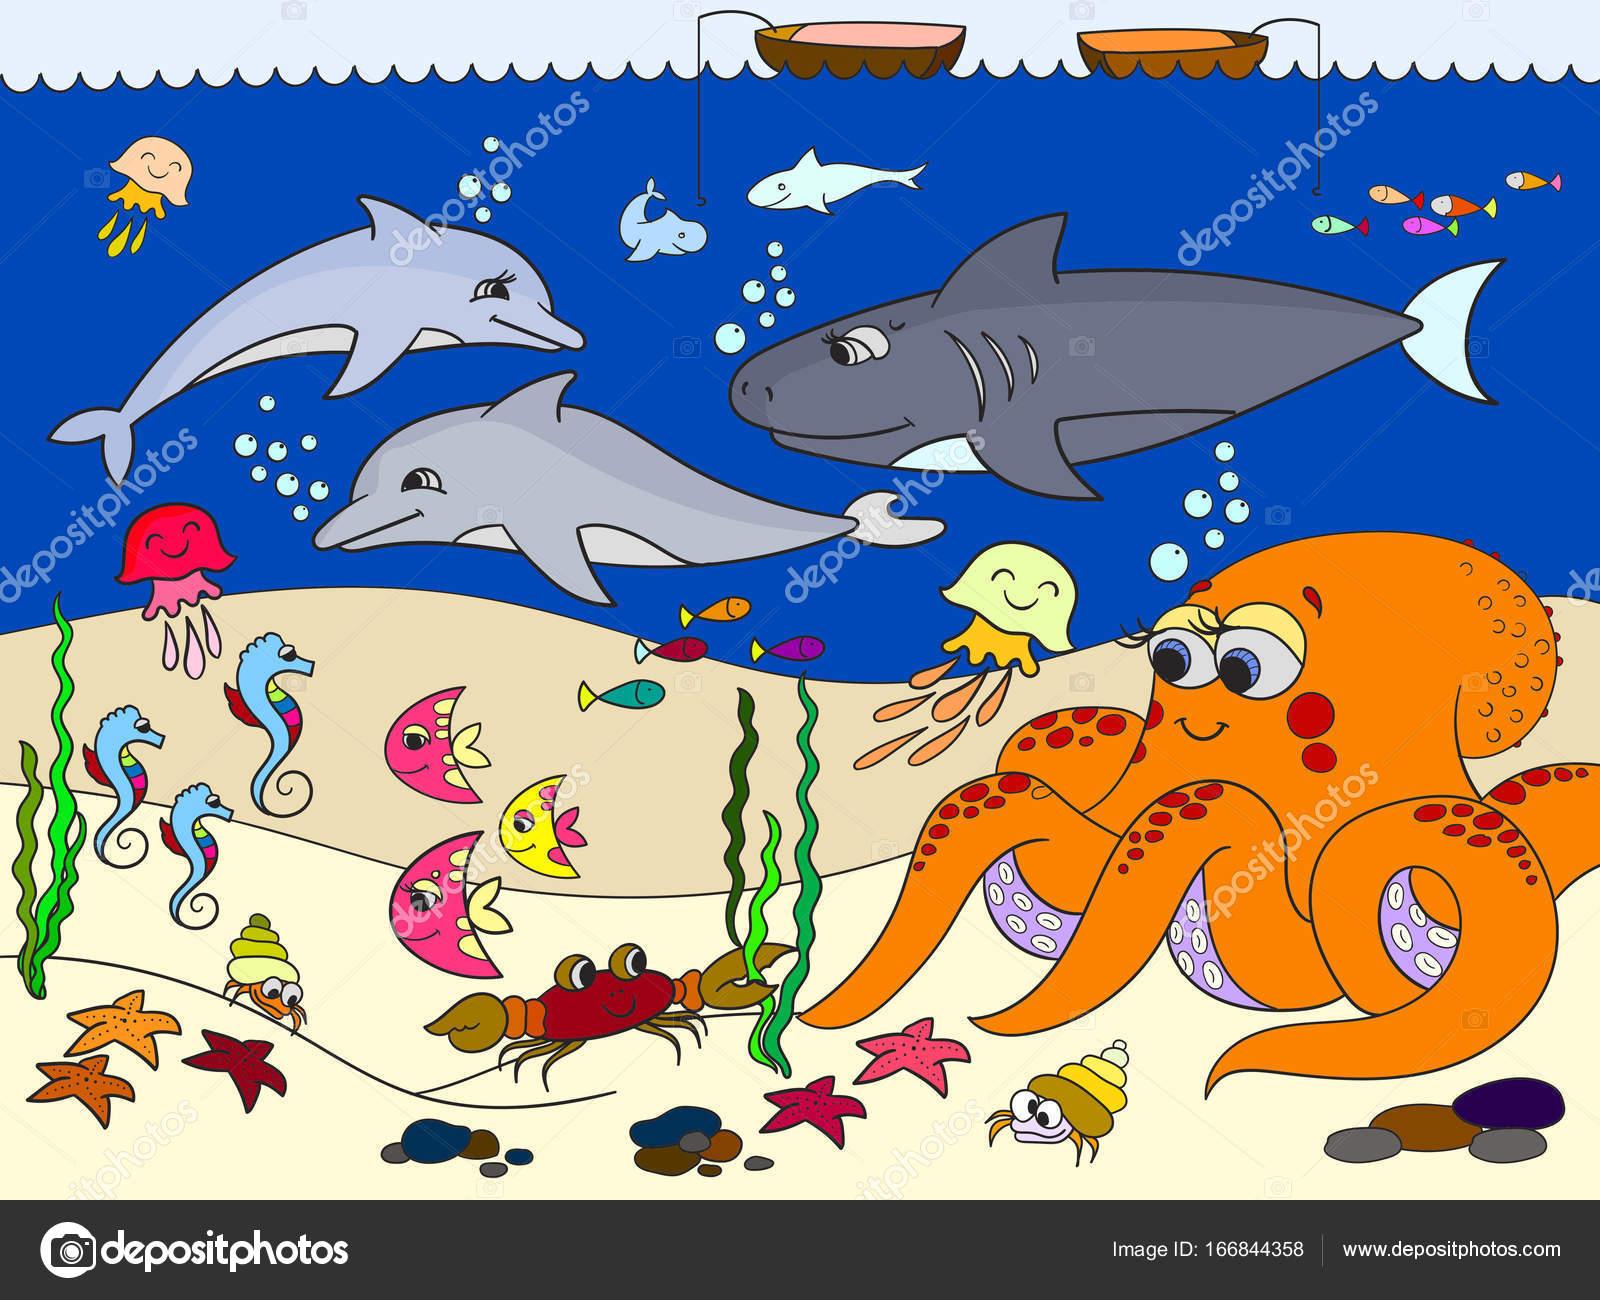 Fondos De Animales Animados: Fondo Del Mar Con Animales Marinos. Vector Para Niños